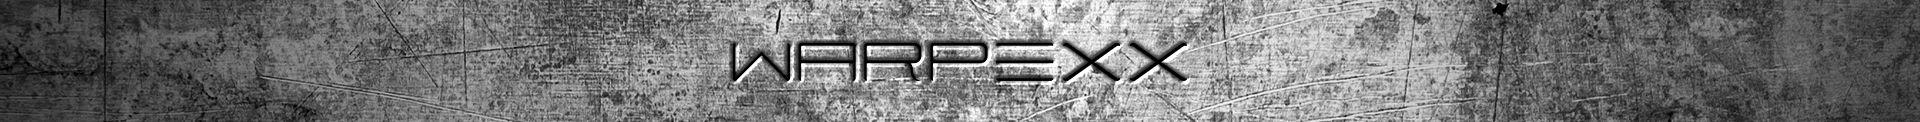 Warpexx banner iron scheme